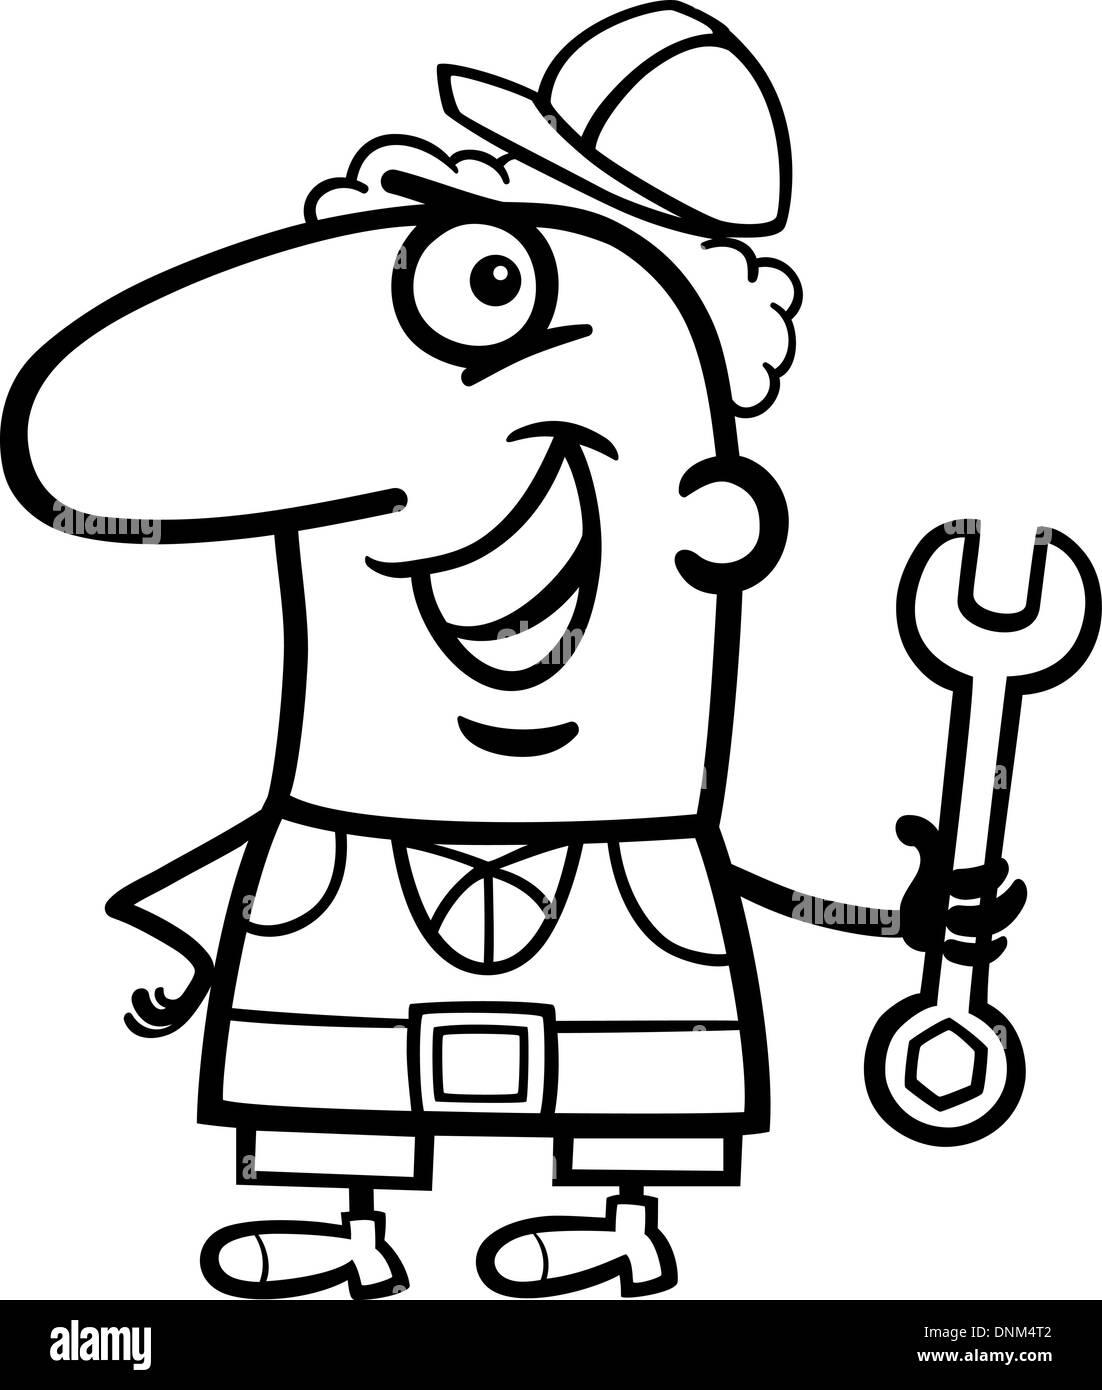 Ilustración Caricatura En Blanco Y Negro De Funny Trabajador Manual